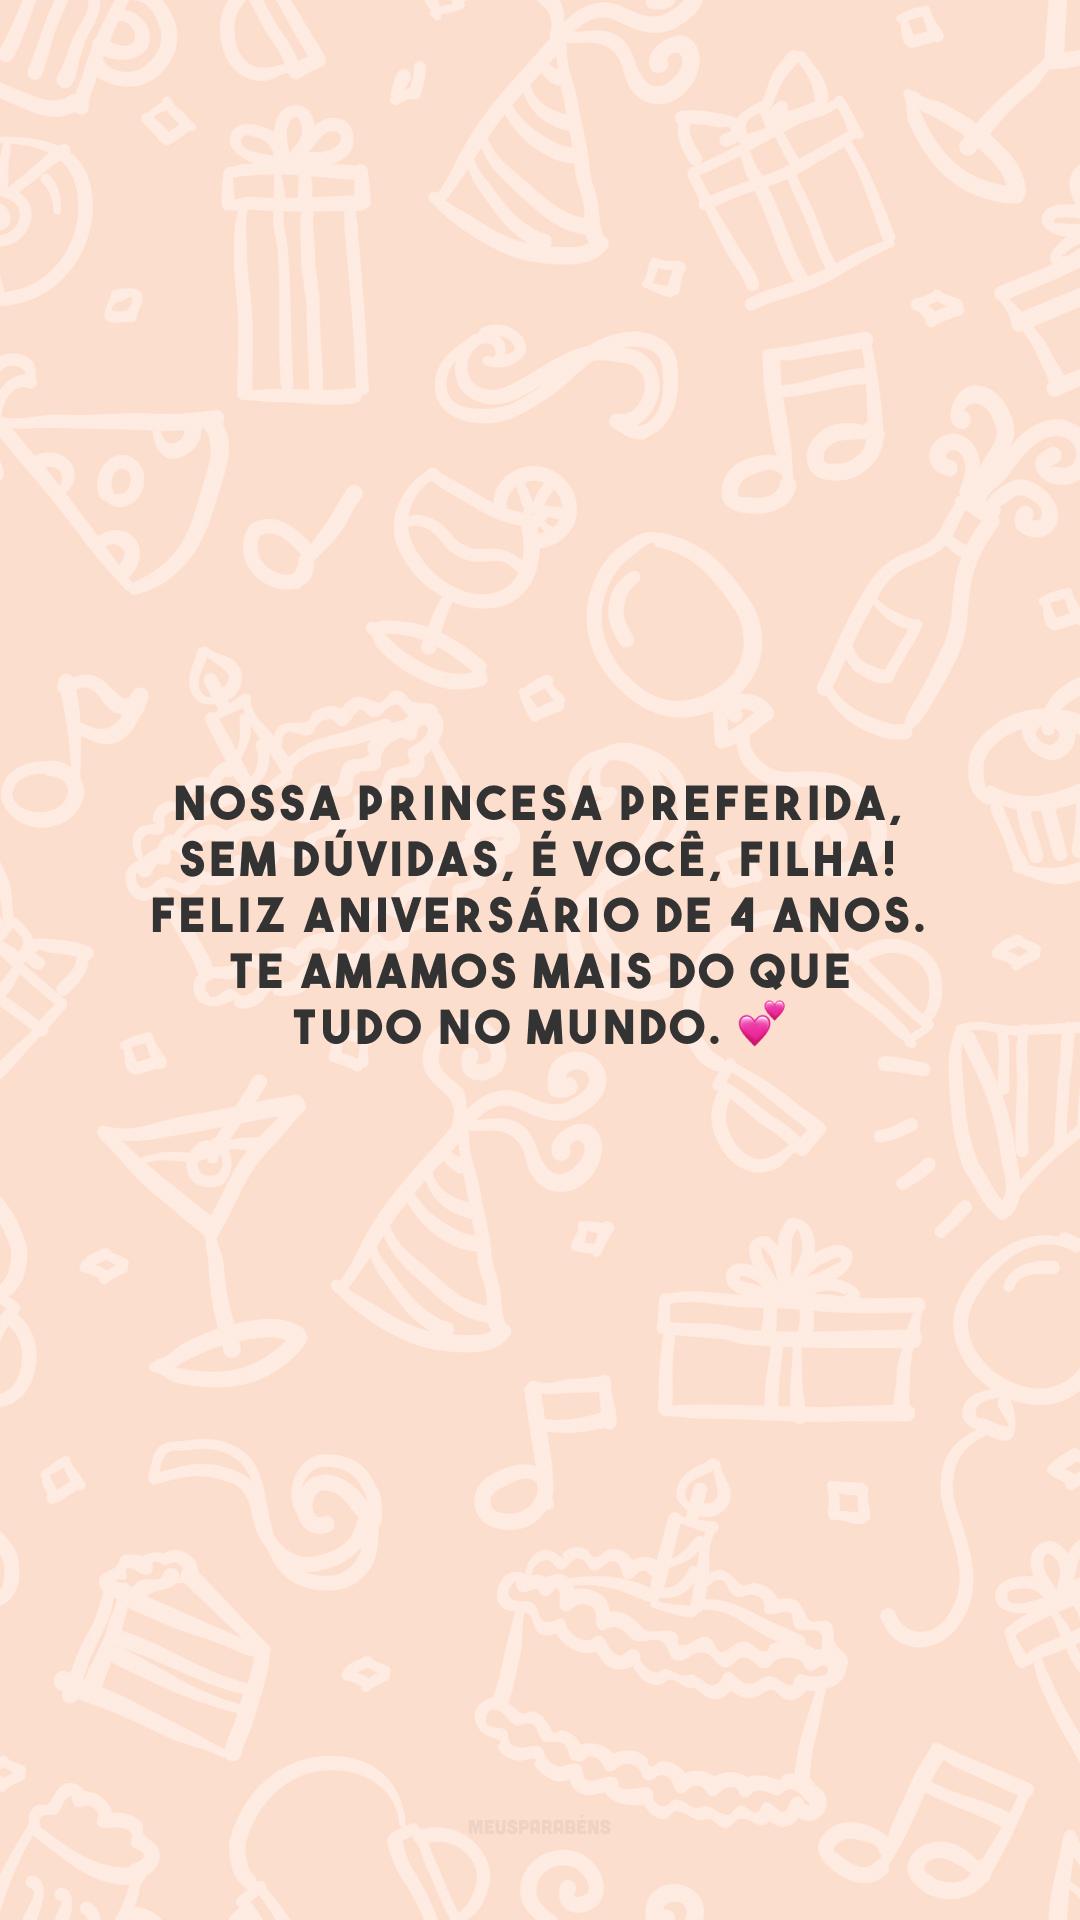 Nossa princesa preferida, sem dúvidas, é você, filha! Feliz aniversário de 4 anos. Te amamos mais do que tudo no mundo. 💕